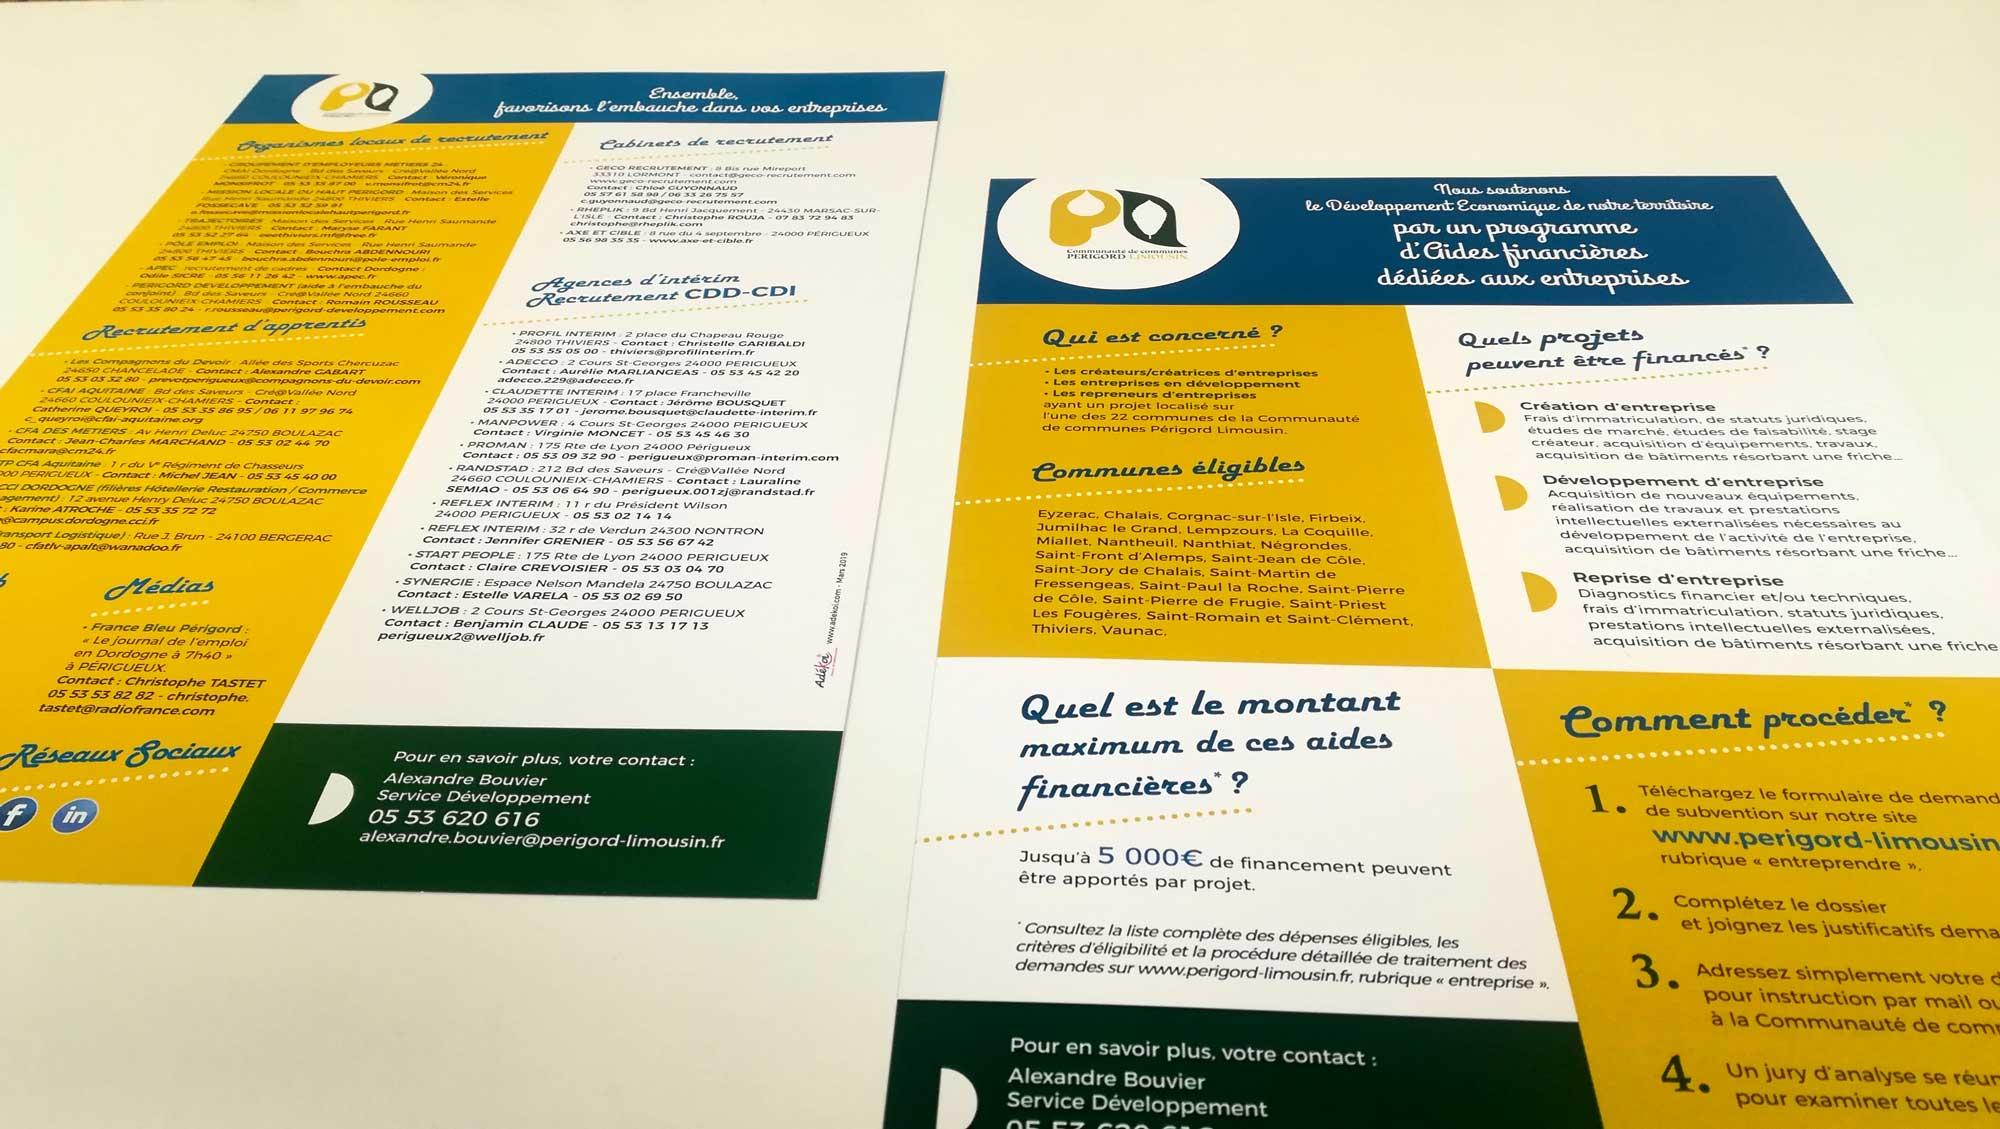 Fiche thématique communauté de communes Périgord Limousin - Adékoi communication Dordogne